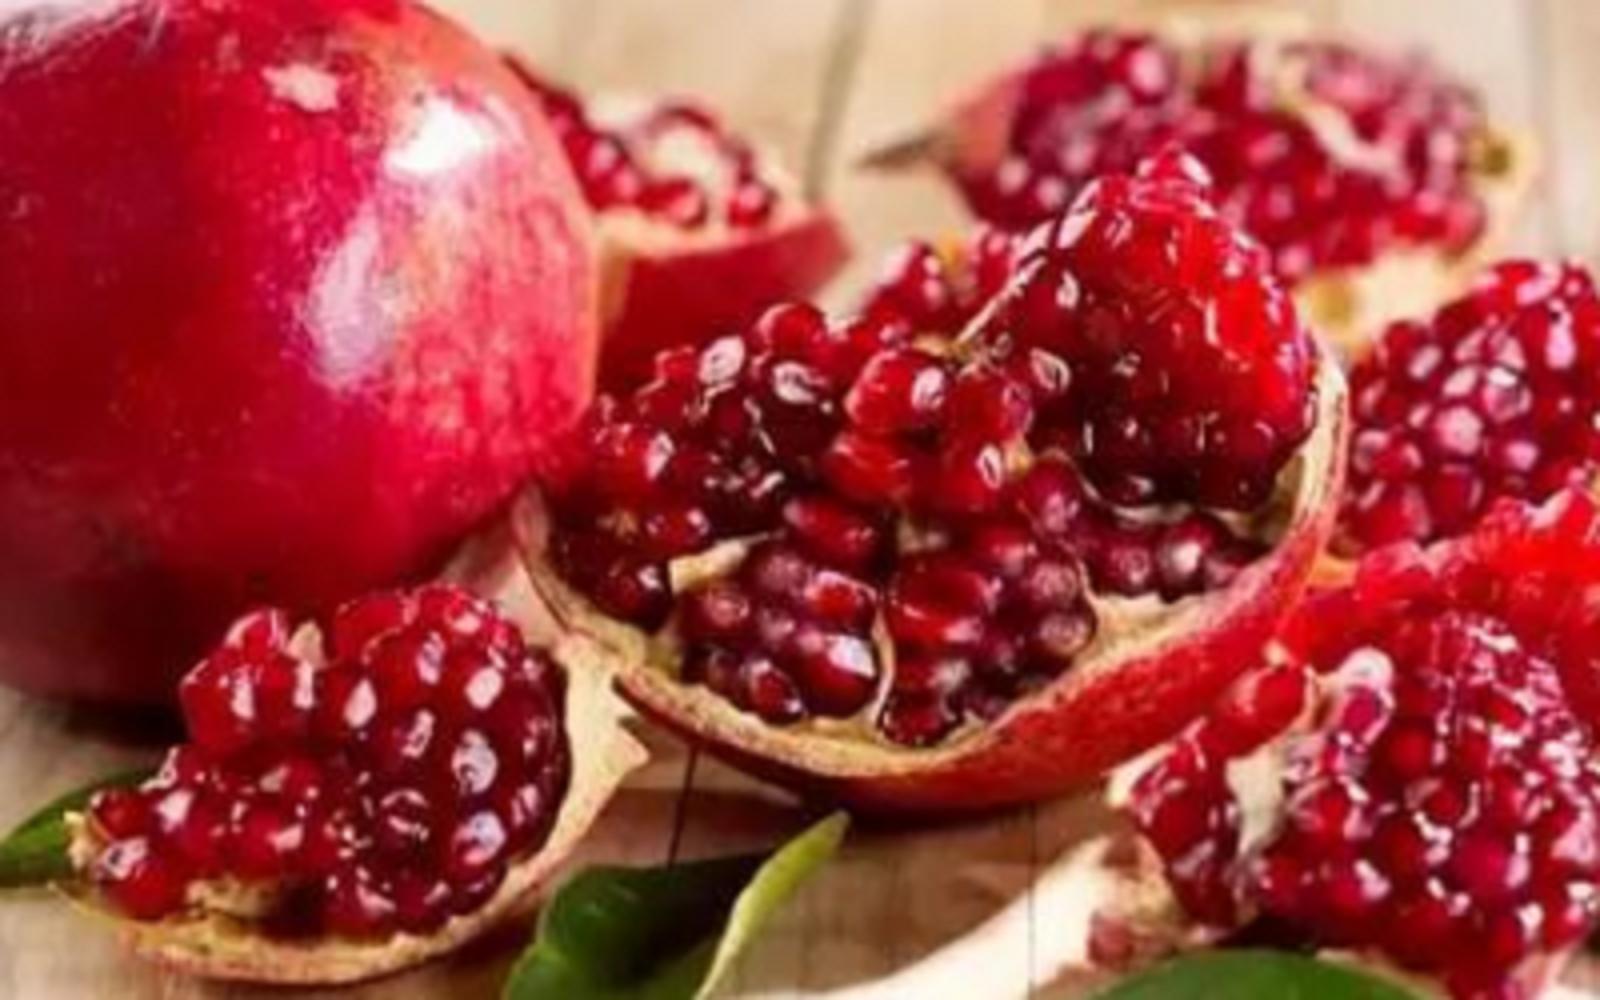 """""""清新口腔,缓解宿醉""""的水果,究竟石榴的功效和禁忌有哪些?"""